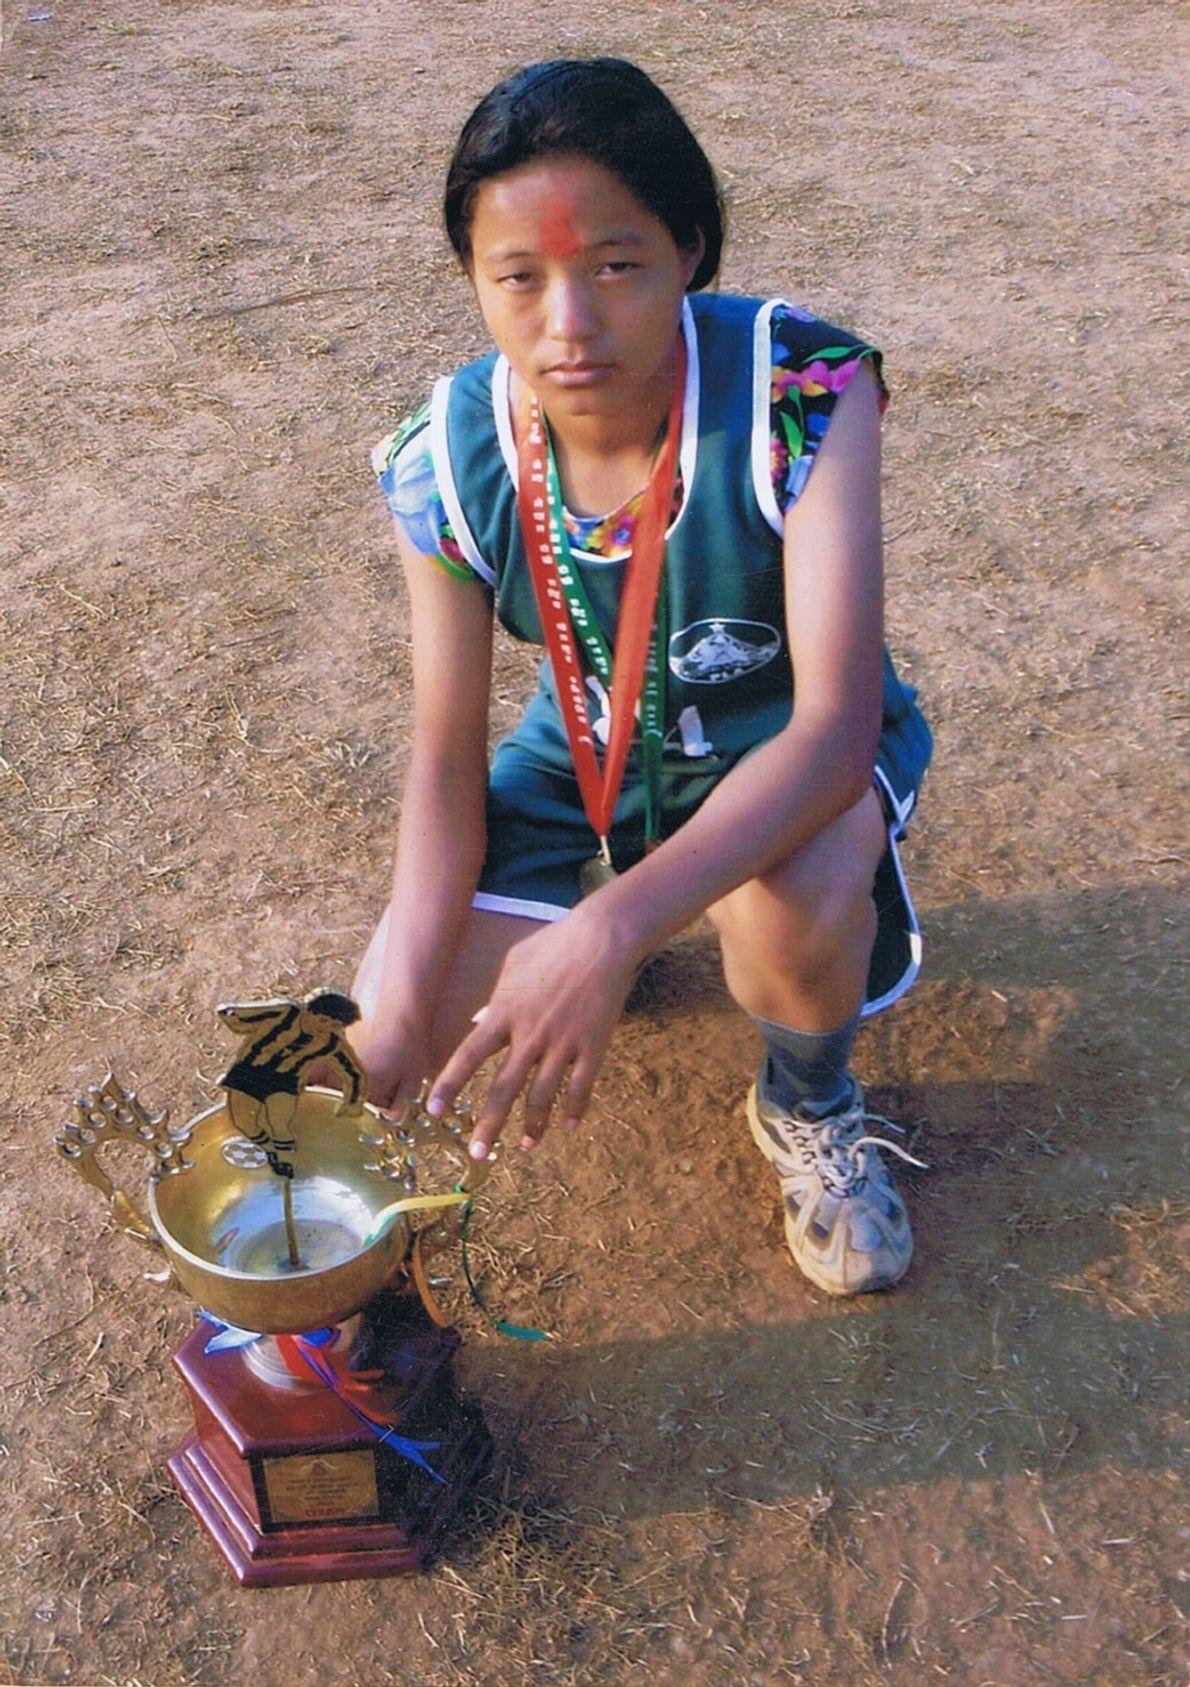 Imagen de una joven Mira Rai tras ganar una carrera